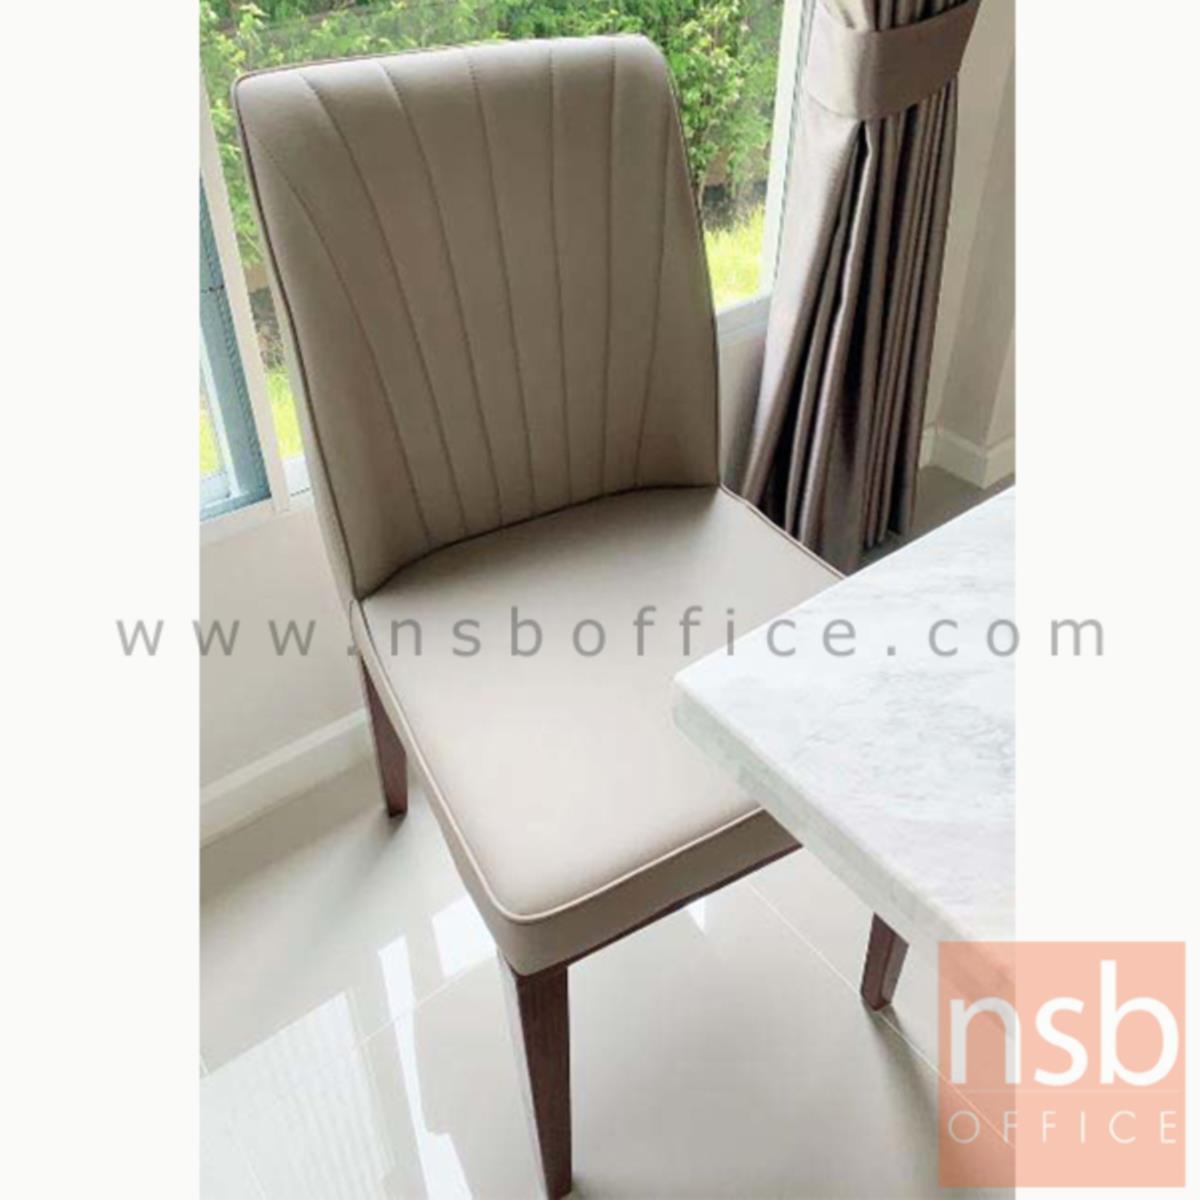 เก้าอี้ไม้ที่นั่งหุ้มหนังเทียม รุ่น FT-D932 ขาเหล็กเคลือบลายไม้